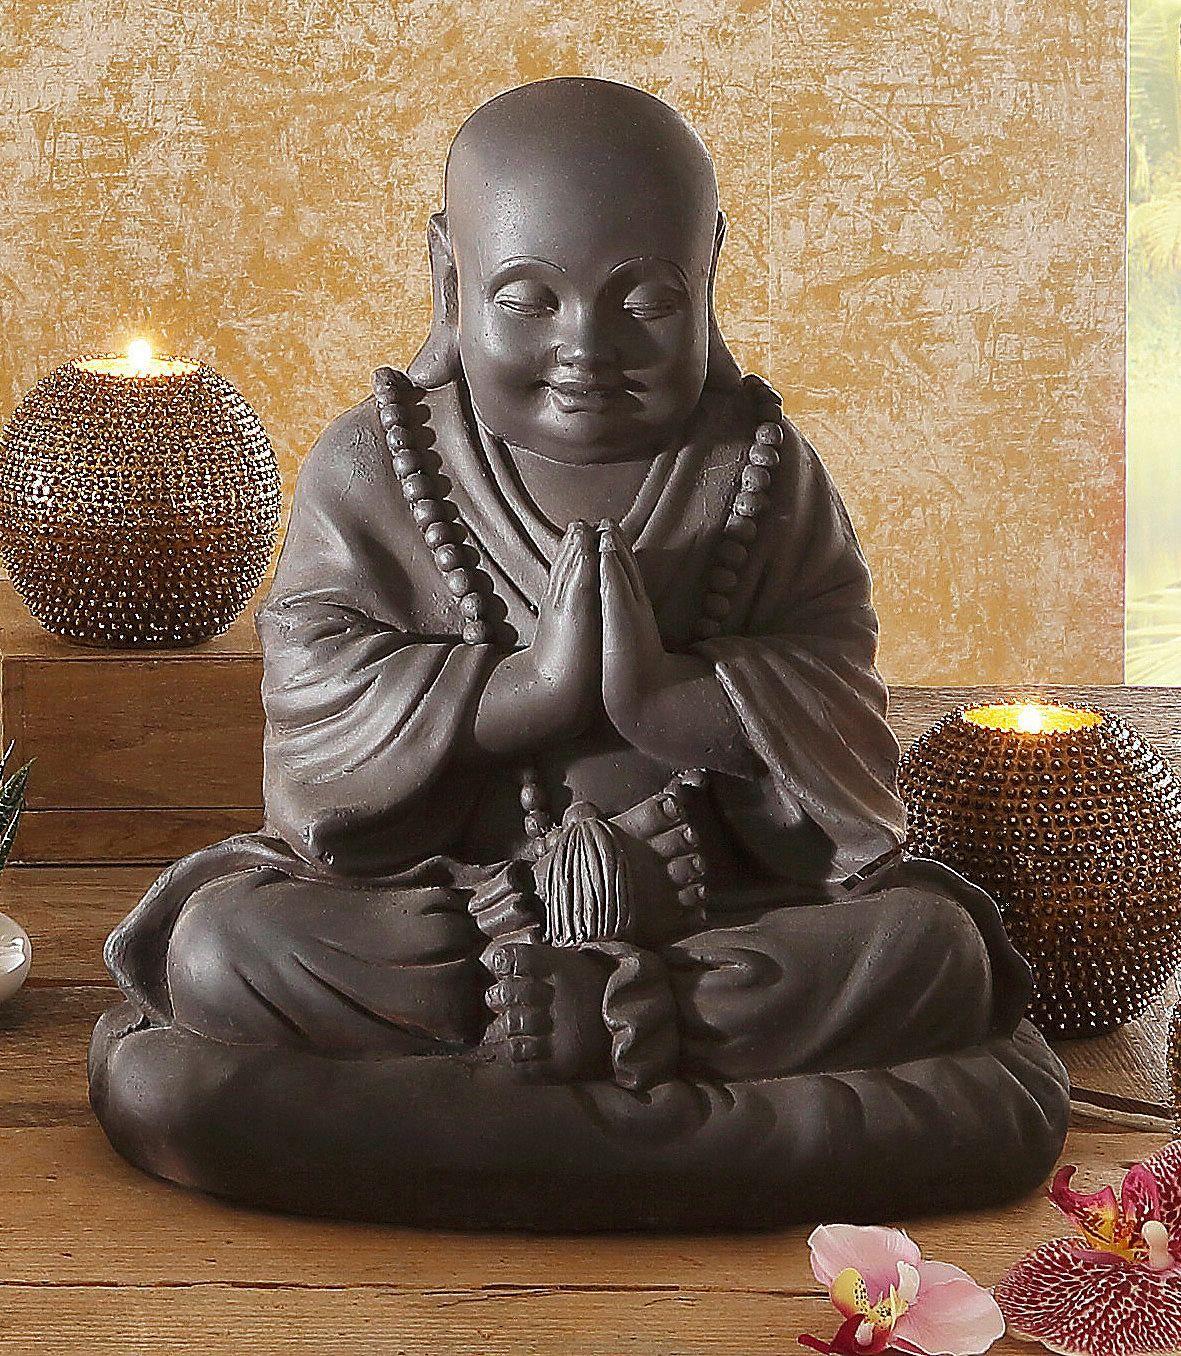 Artikeldetails:  Tolle Skulptur, Handbemalt, Fernöstliche Dekofigur,  Maße:  Höhe: 35 cm,  Material/Qualität:  Aus Kunststein (Polyresin),  ...